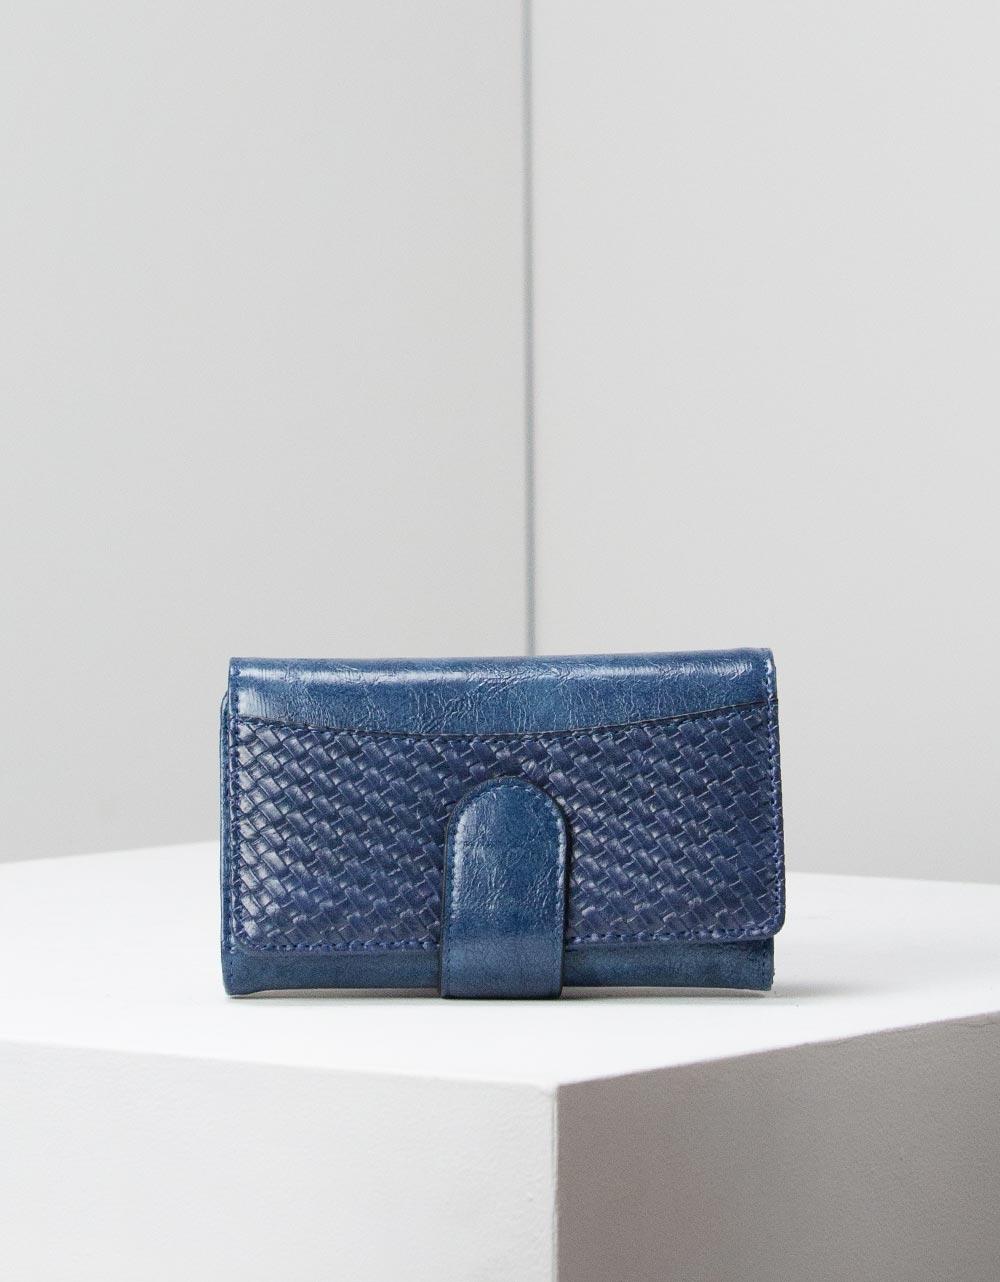 Εικόνα από Γυναικεία πορτοφόλια με ανάγλυφη λεπτομέρεια Navy